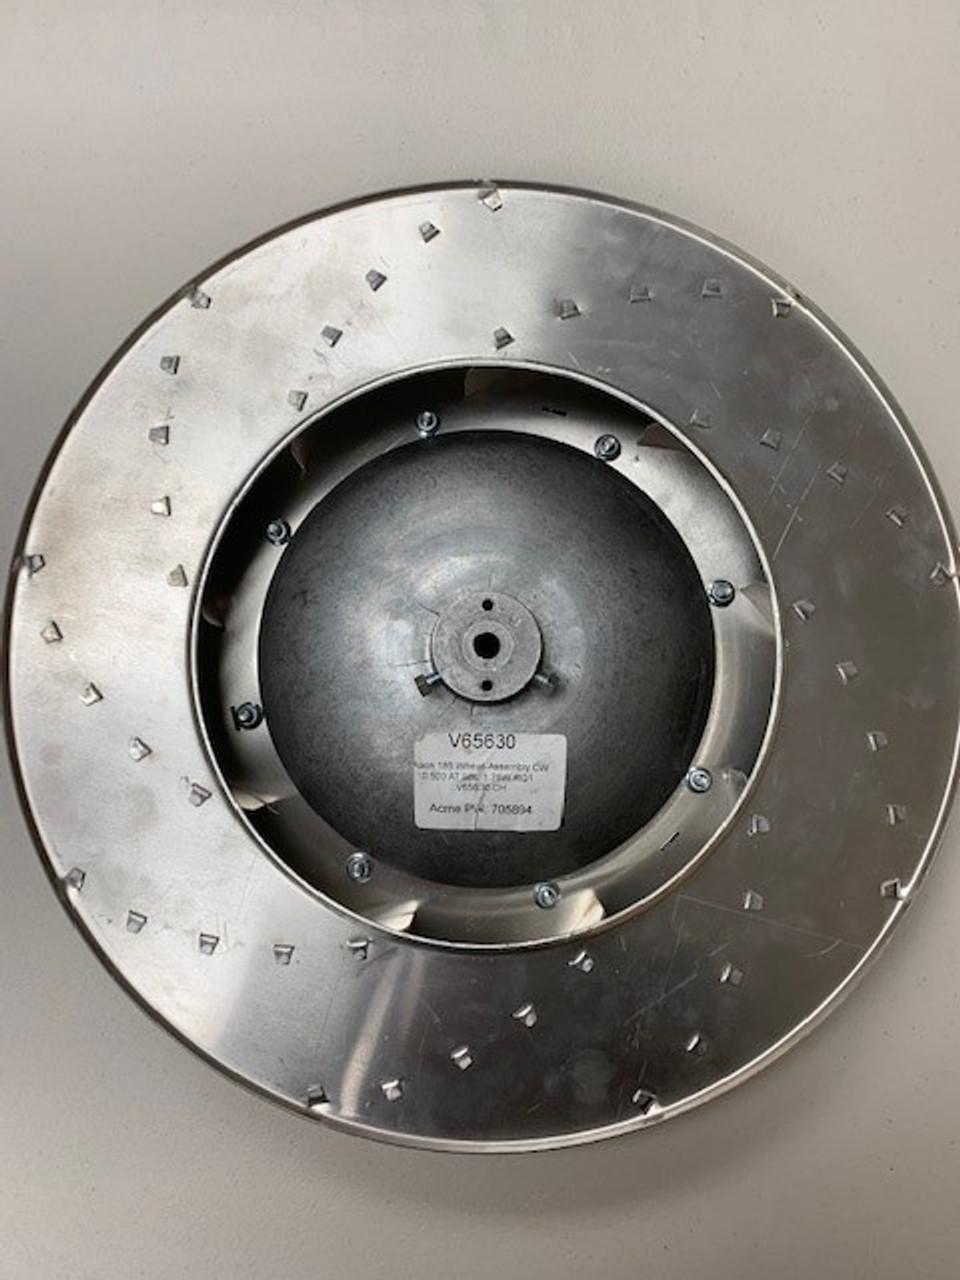 WHEEL PLNM 185 01.75W09B0.50B